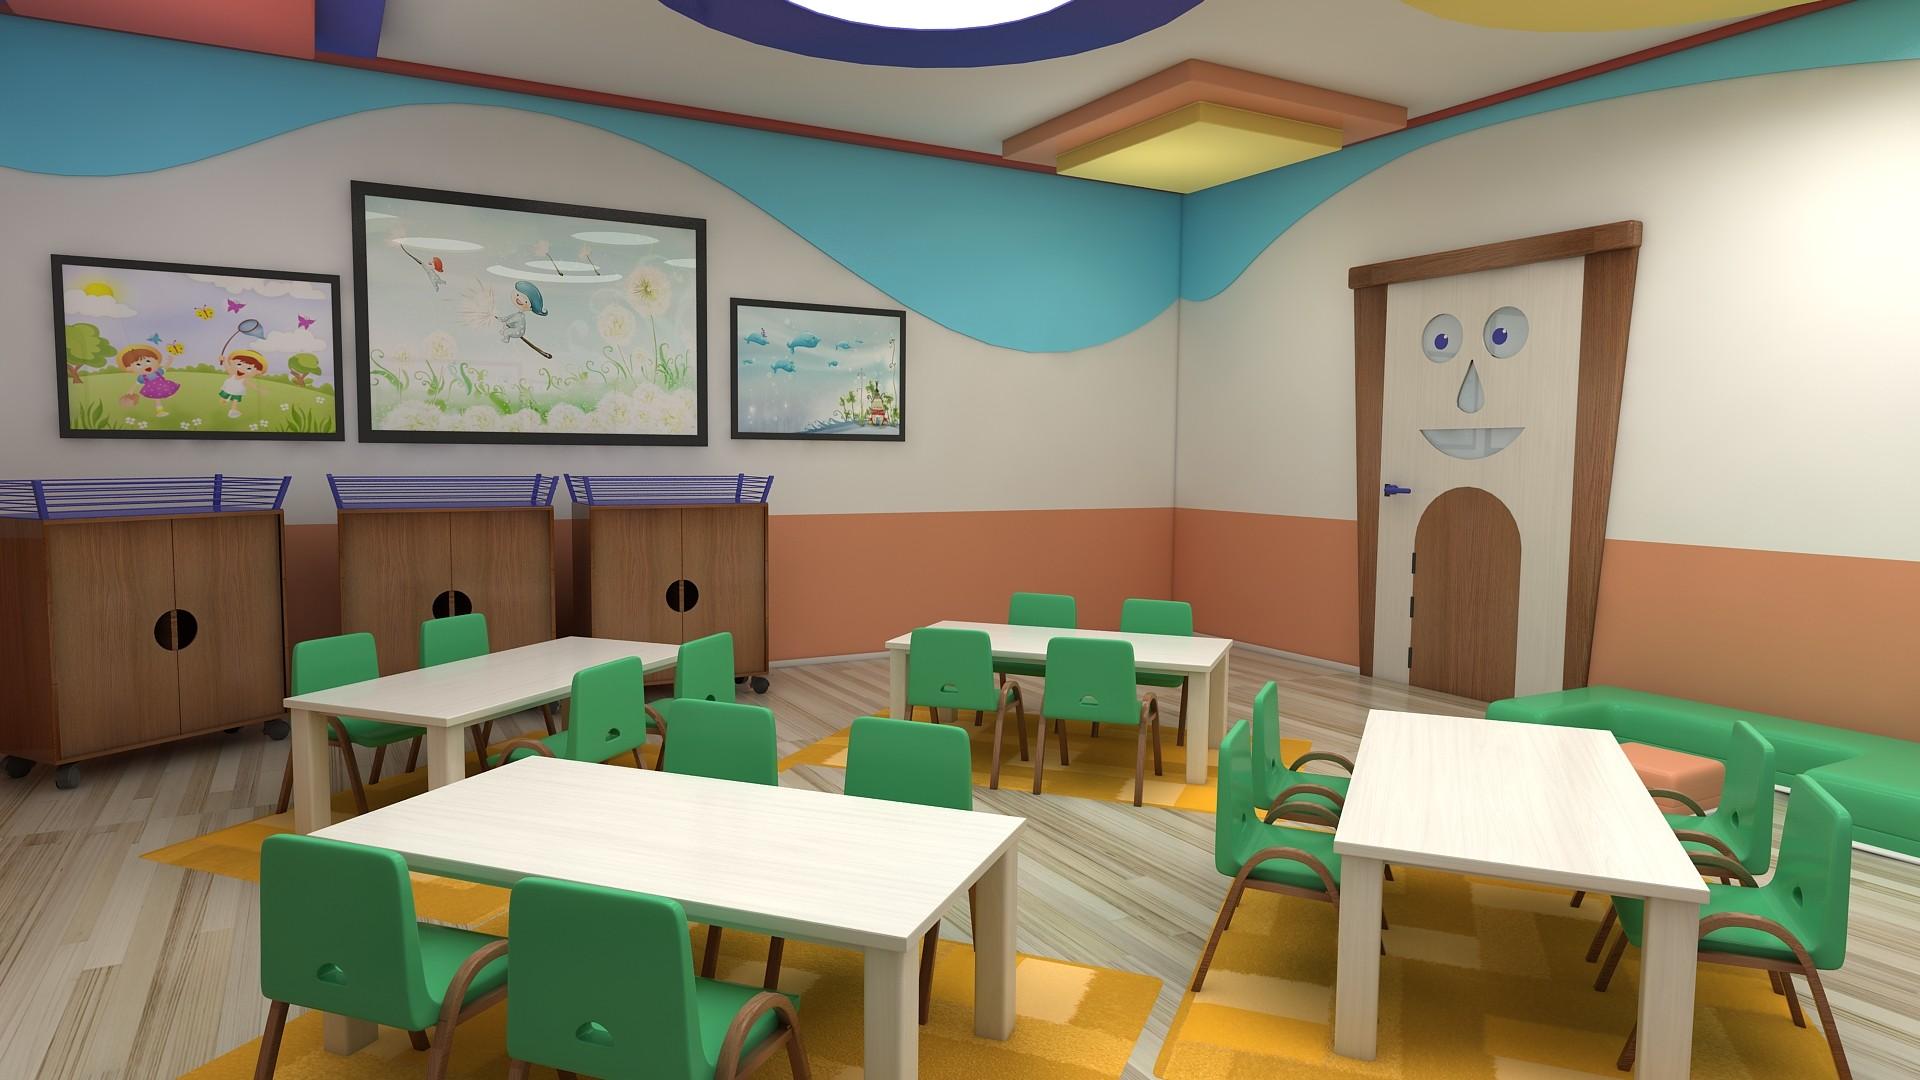 Kindergarten interior design image in 3d -  3d Interior Kindergarten Classroom Photo 26